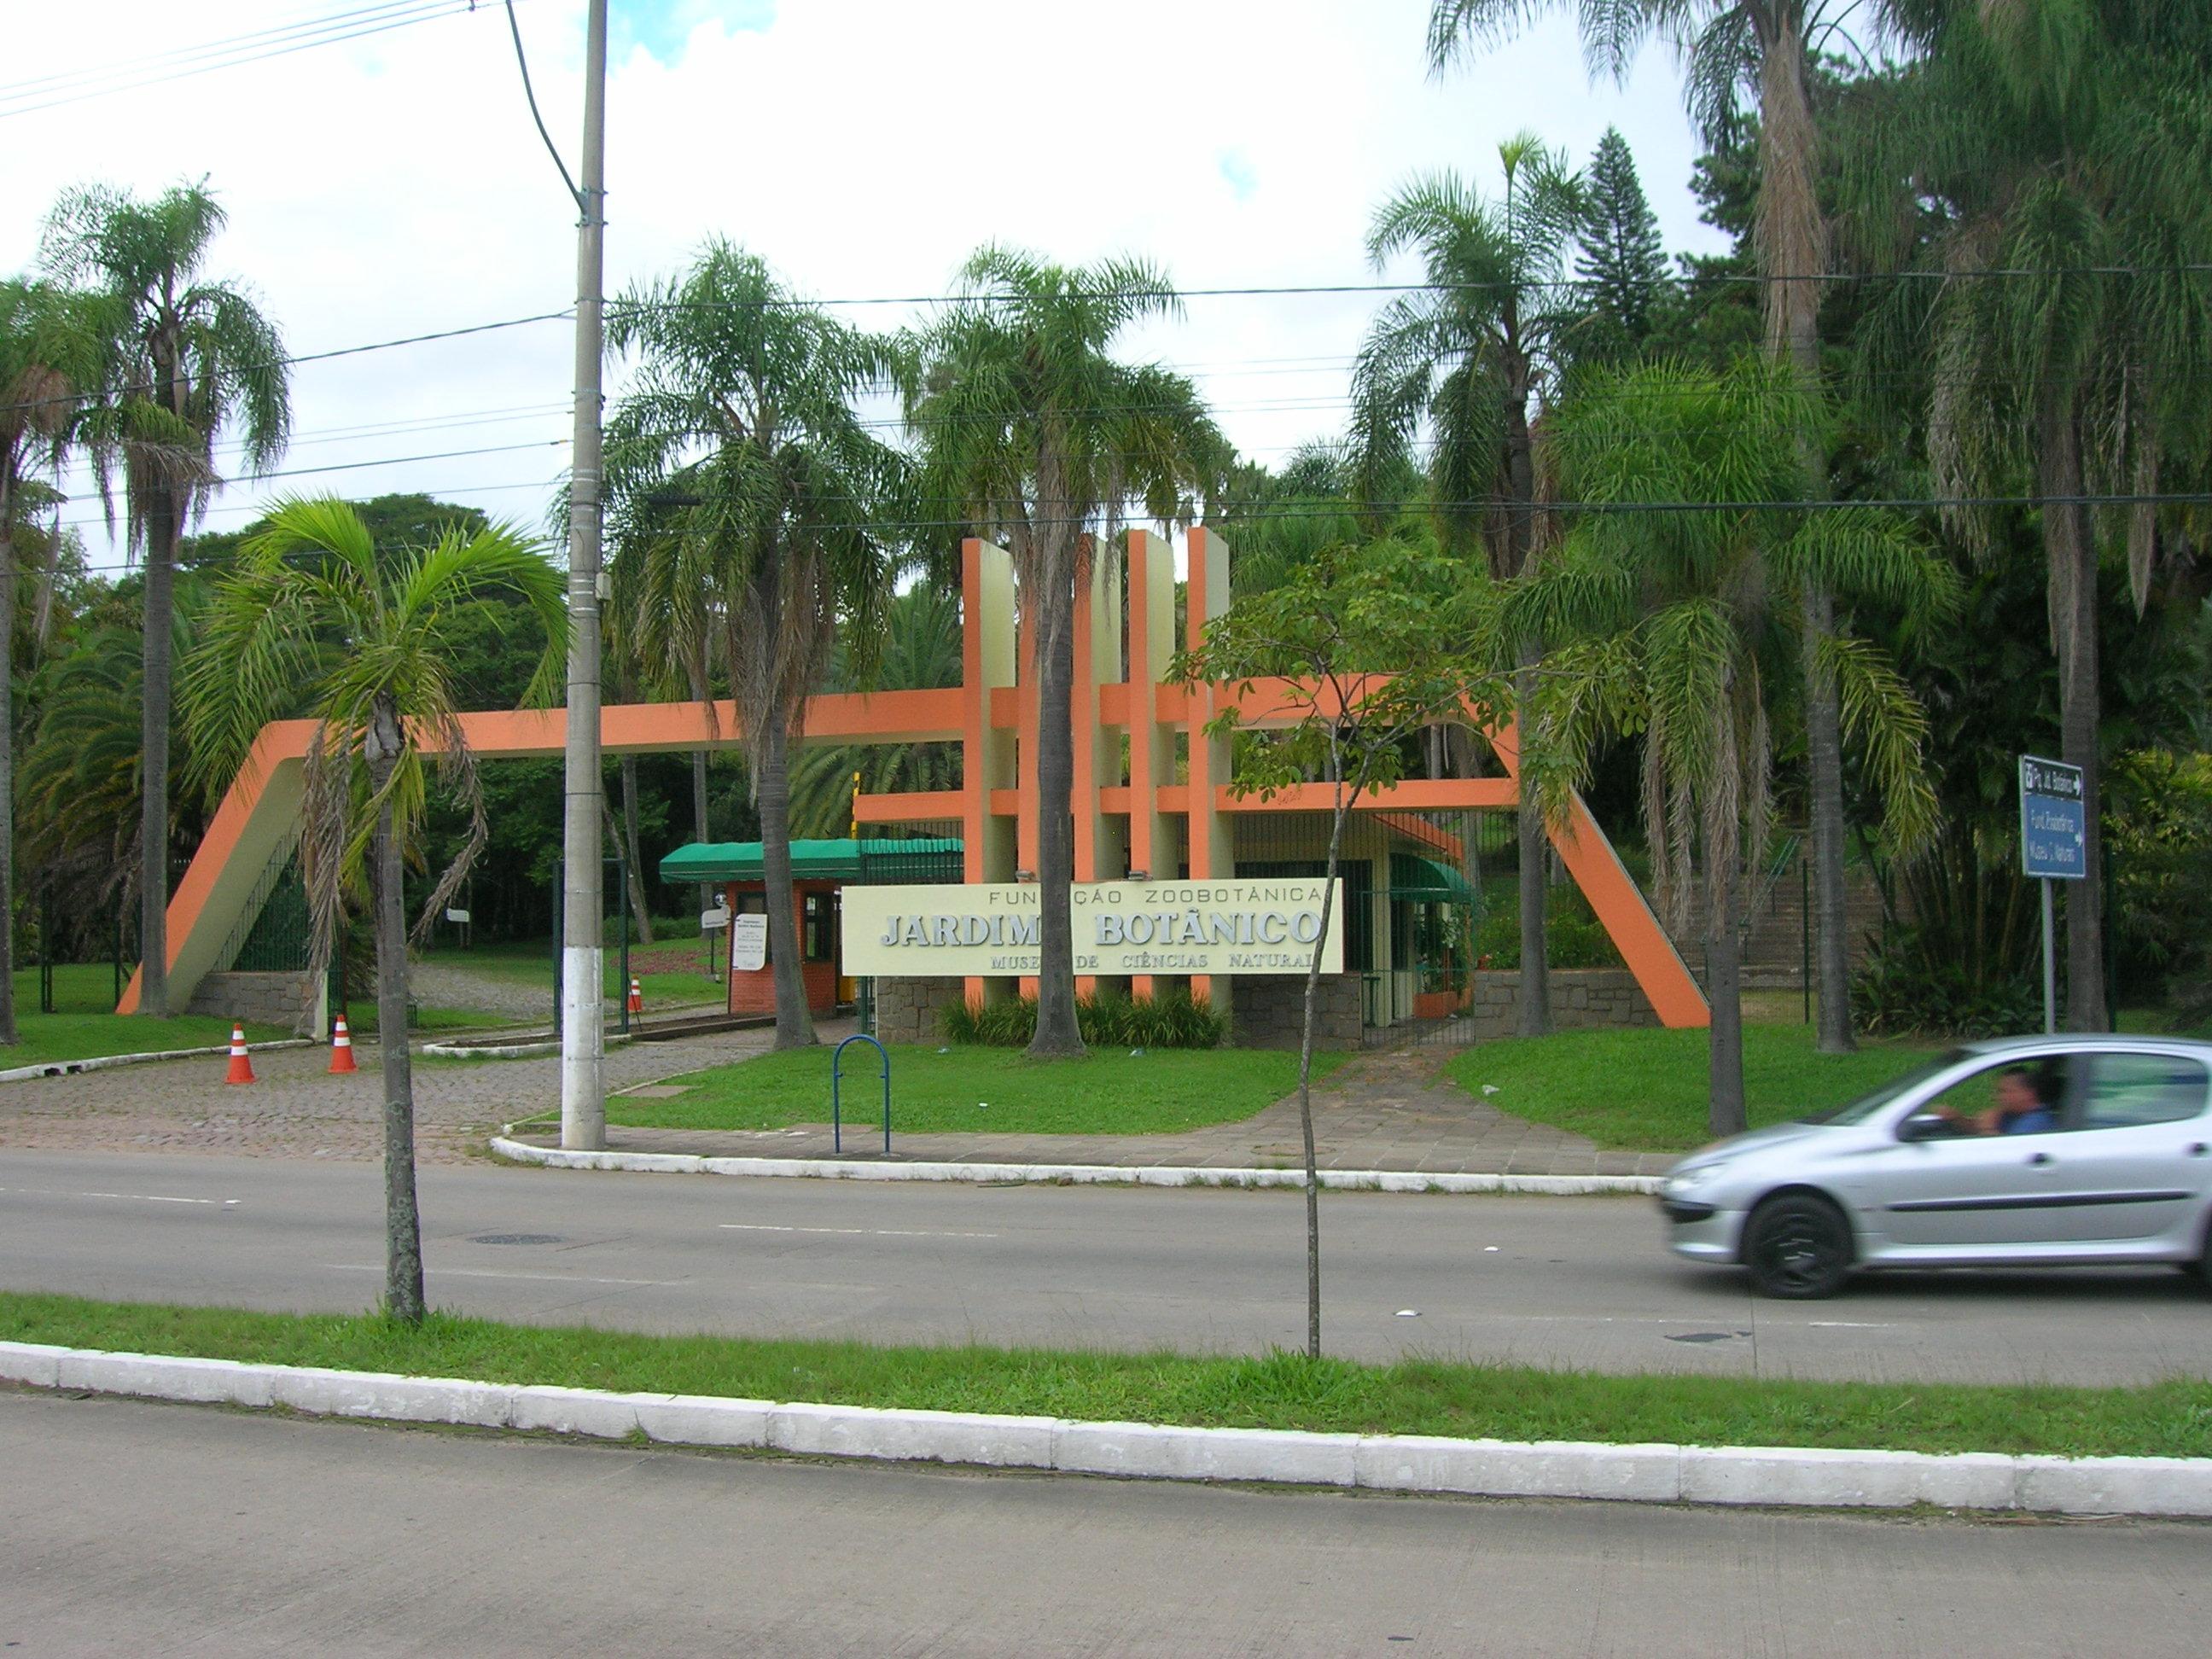 fotos jardim botanico porto alegre : fotos jardim botanico porto alegre:Botanical Garden Porto Alegre